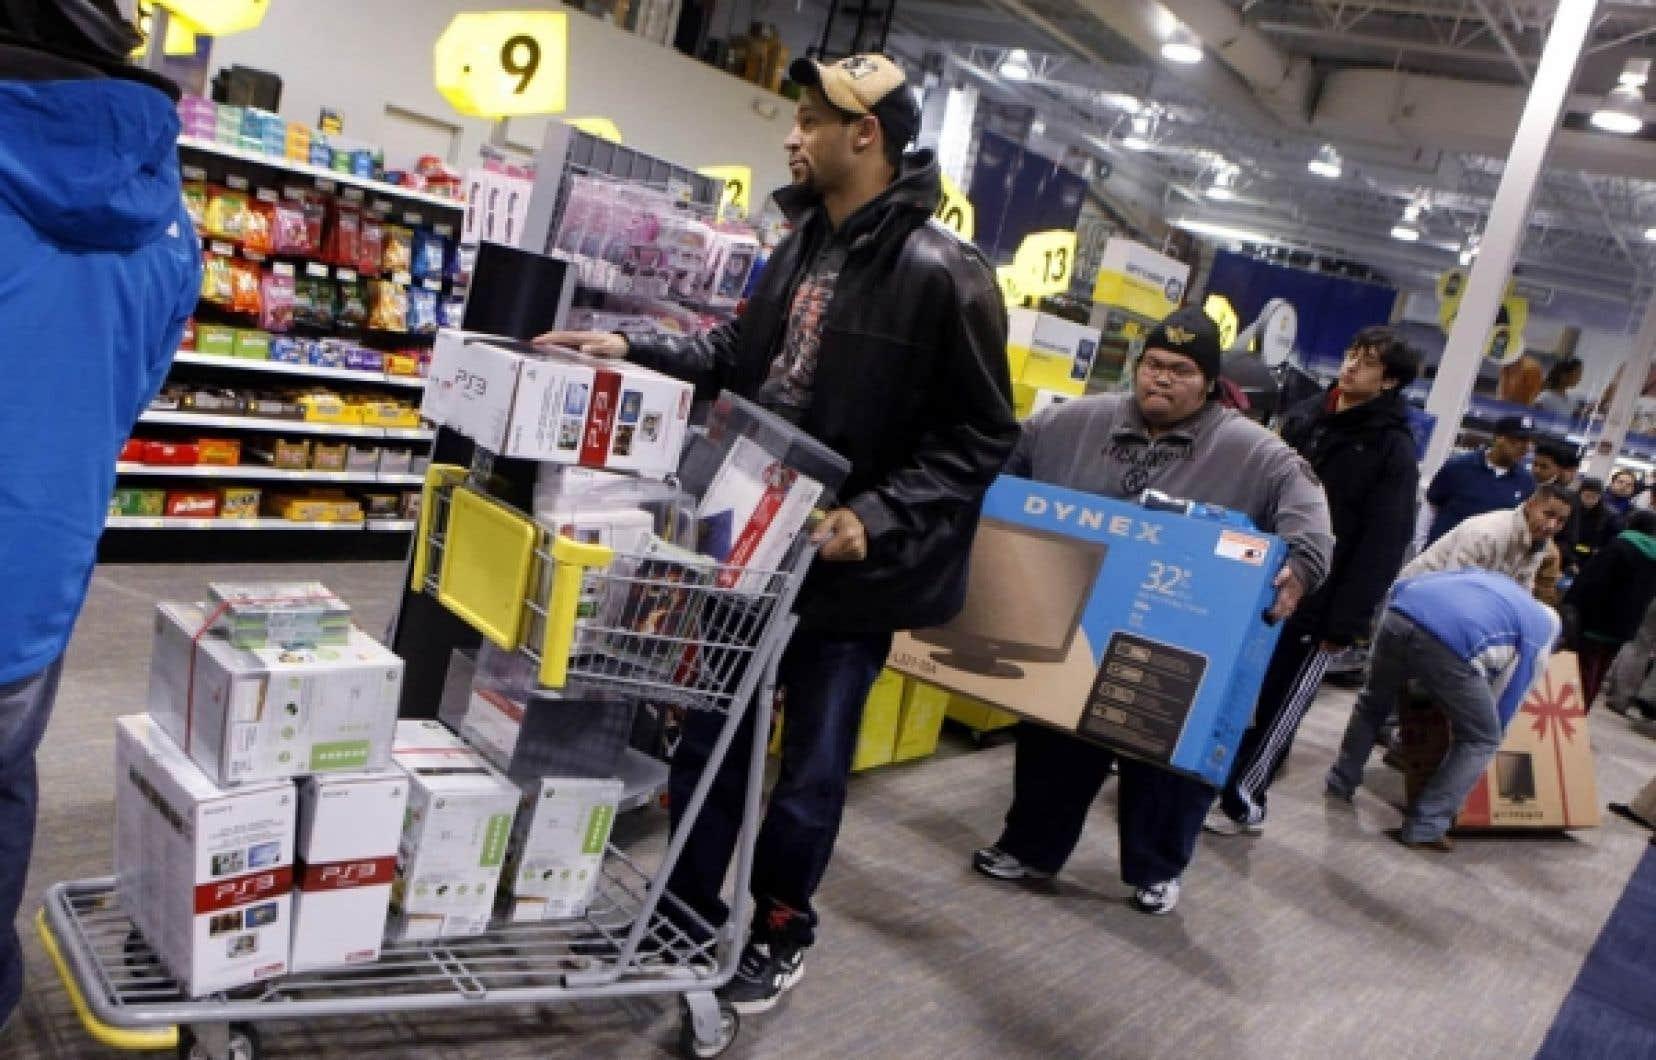 Ruée sur les produits électroniques dans un magasin Best Buy, à New York, avant Noël